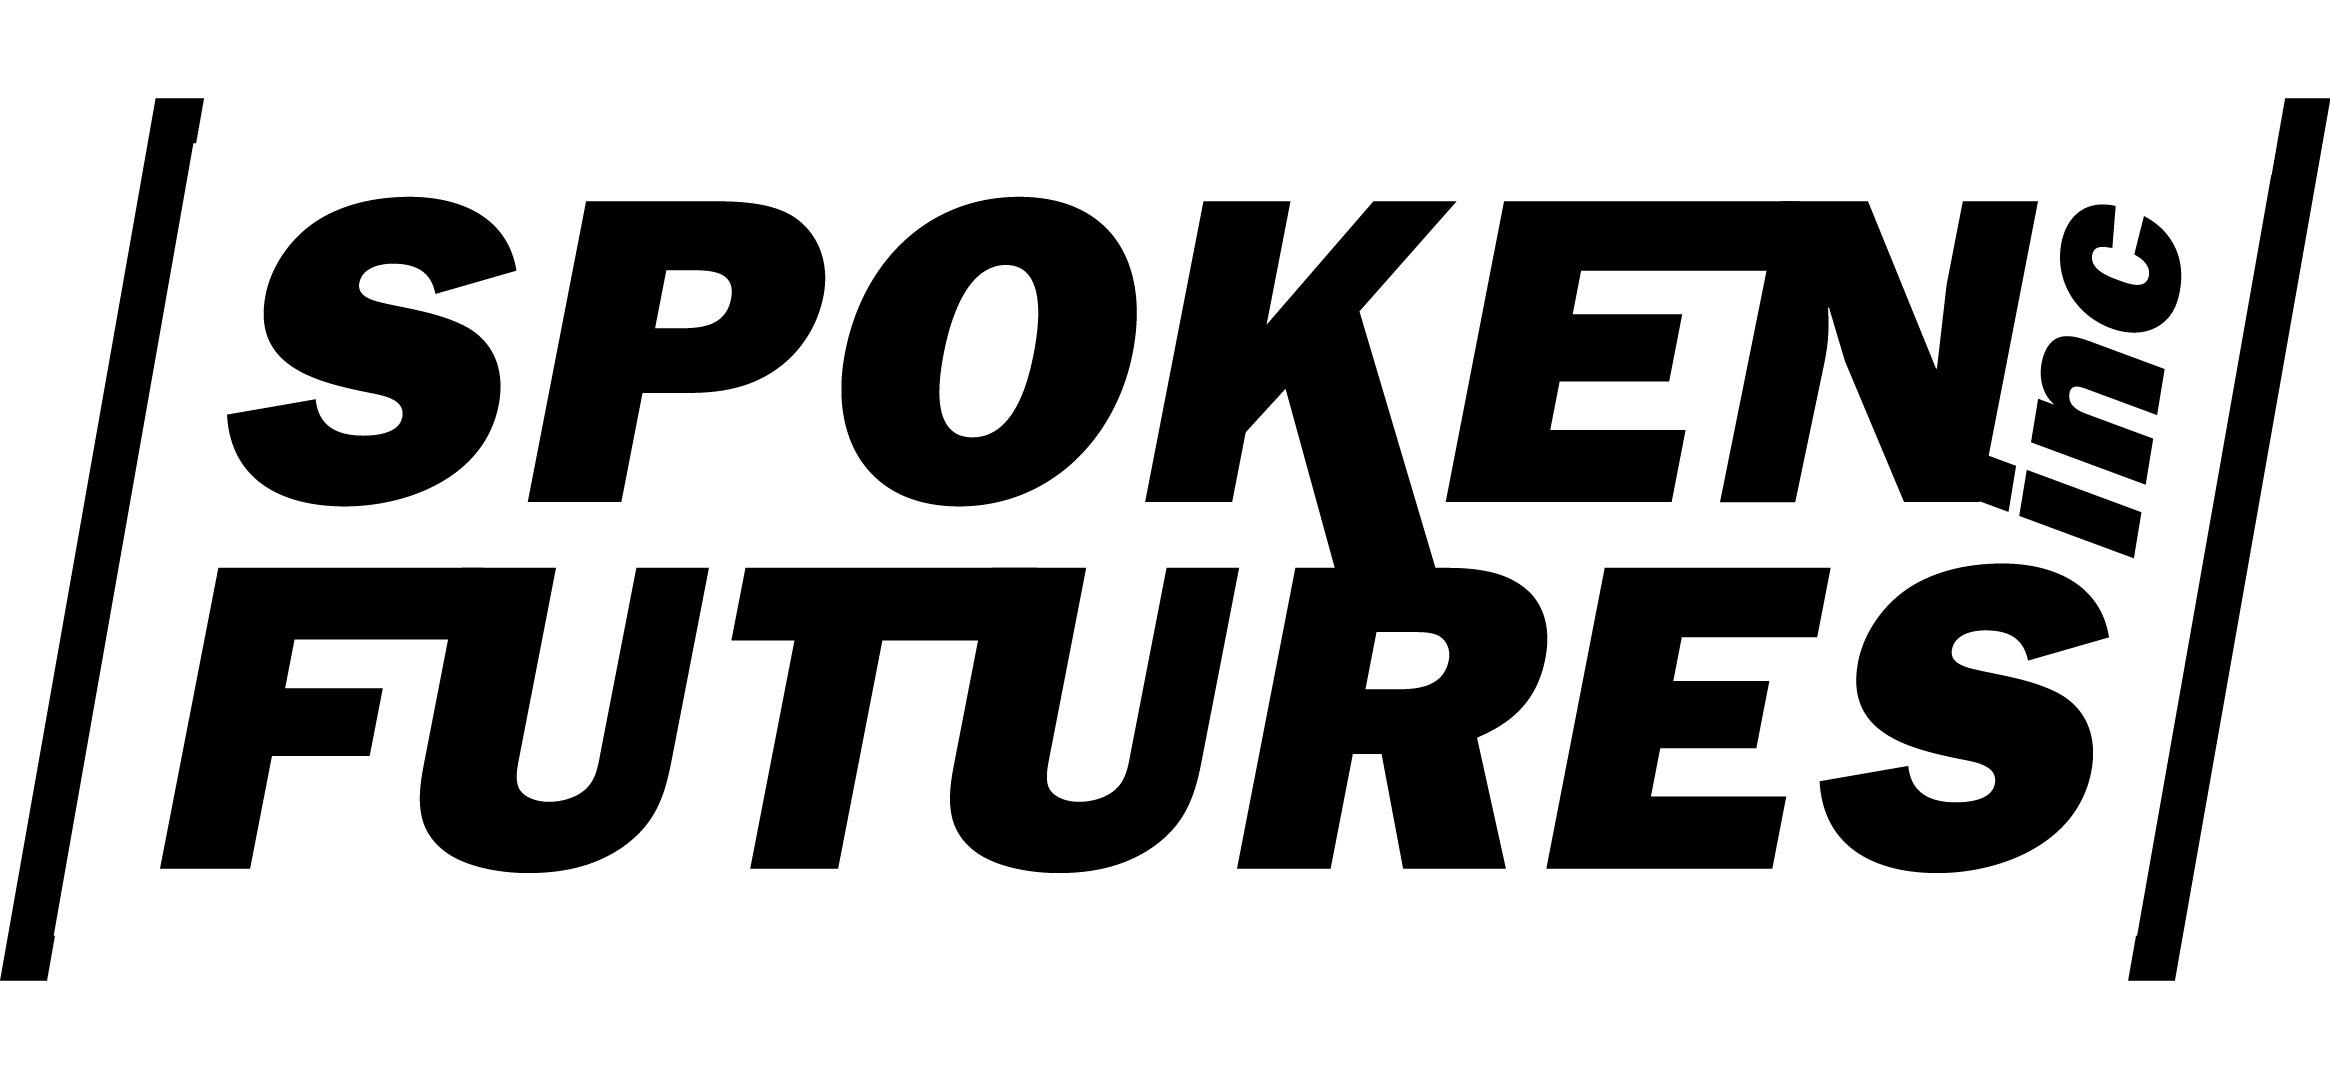 2013_spoken_futures_logo